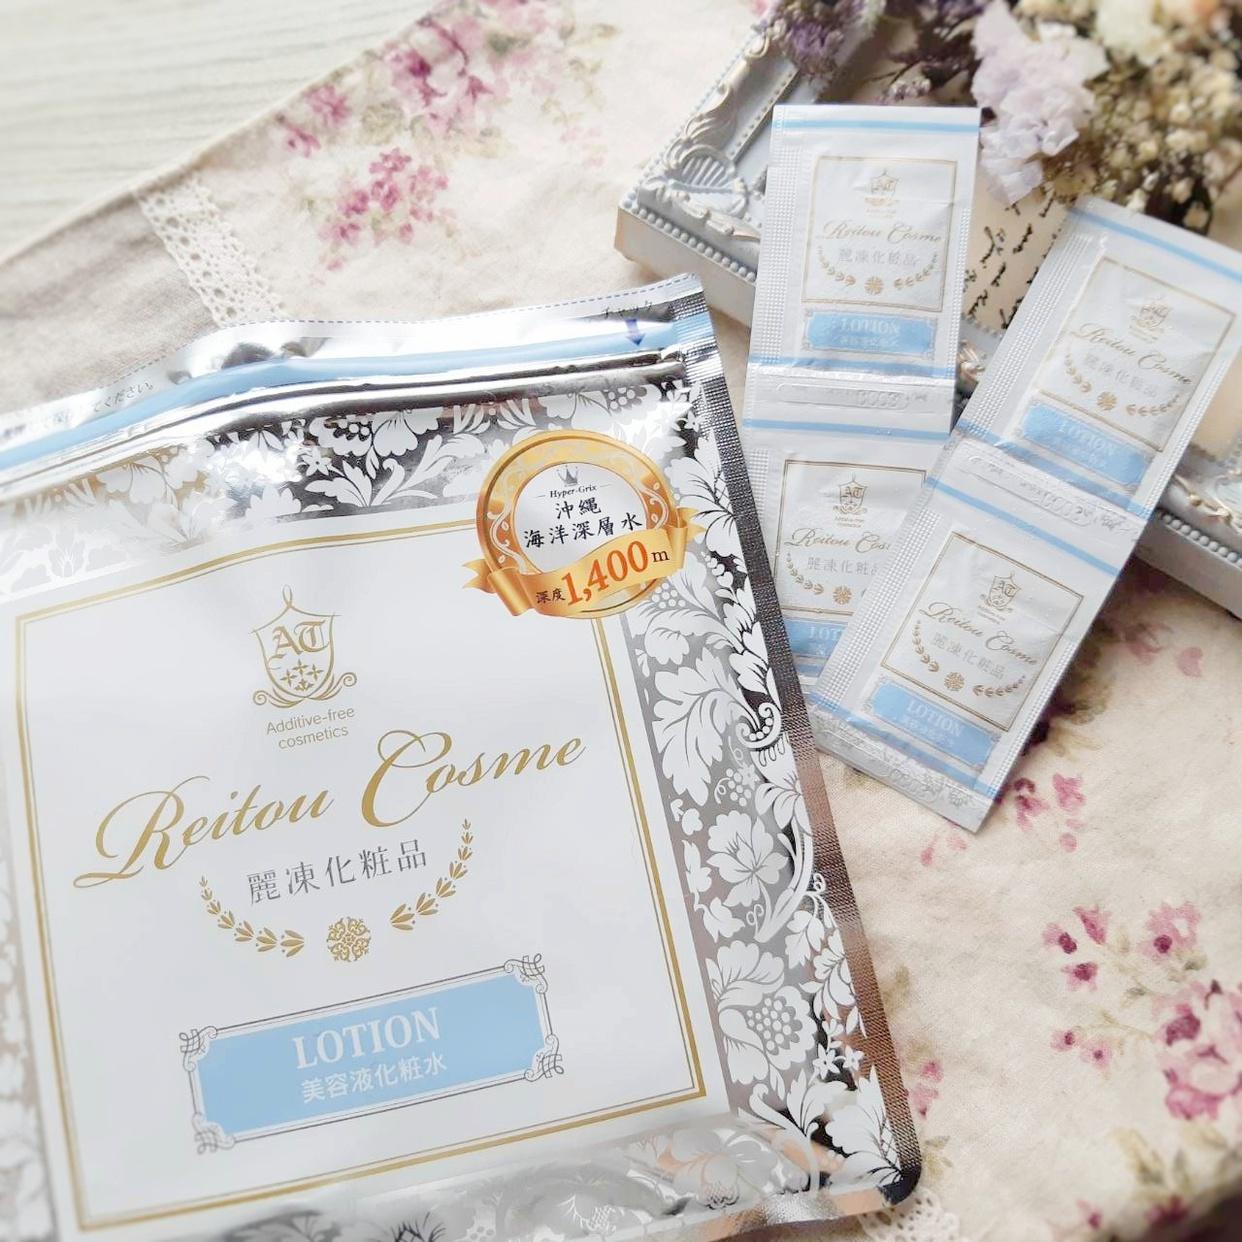 麗凍化粧品(Reitou Cosme) 美容液 化粧水を使った銀麦さんのクチコミ画像